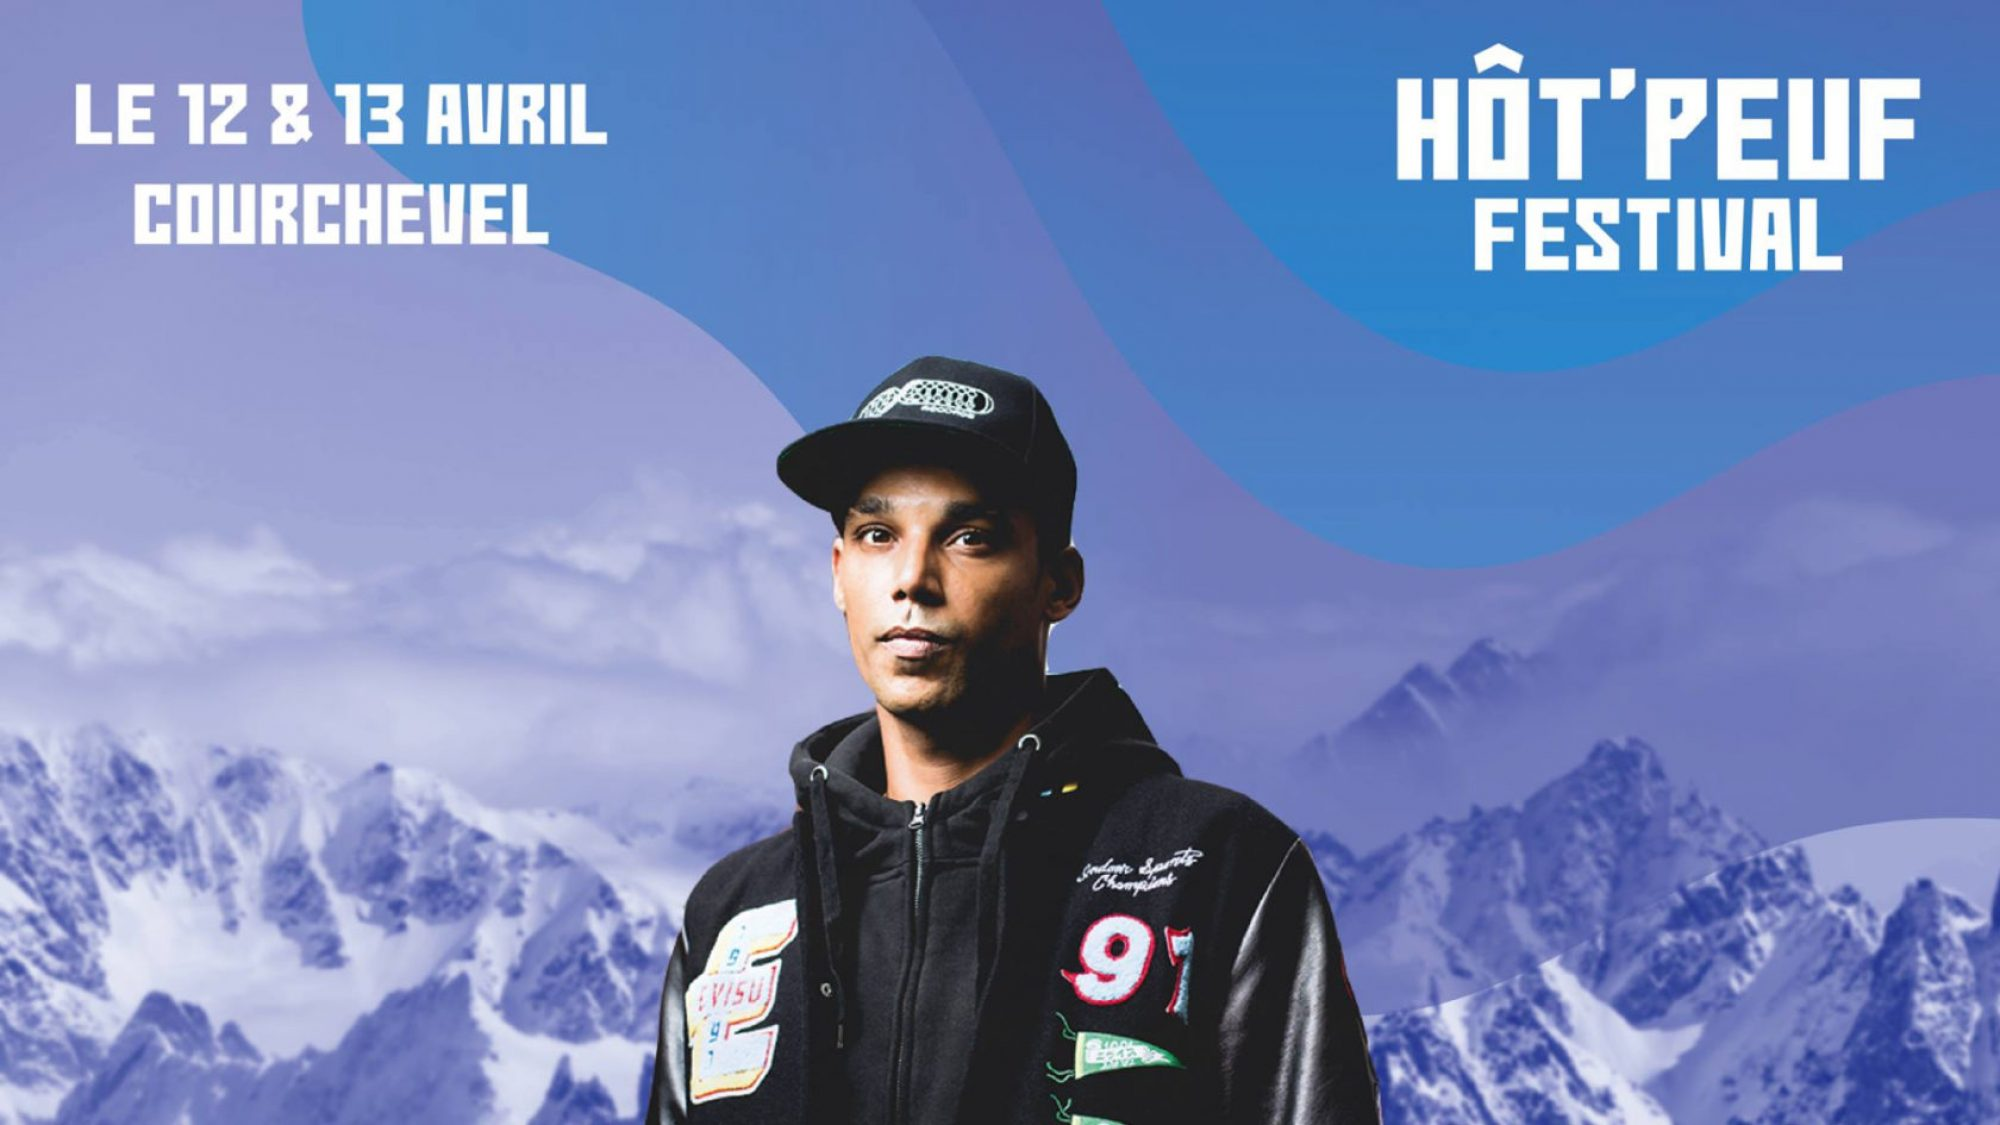 Hot peuf 2019